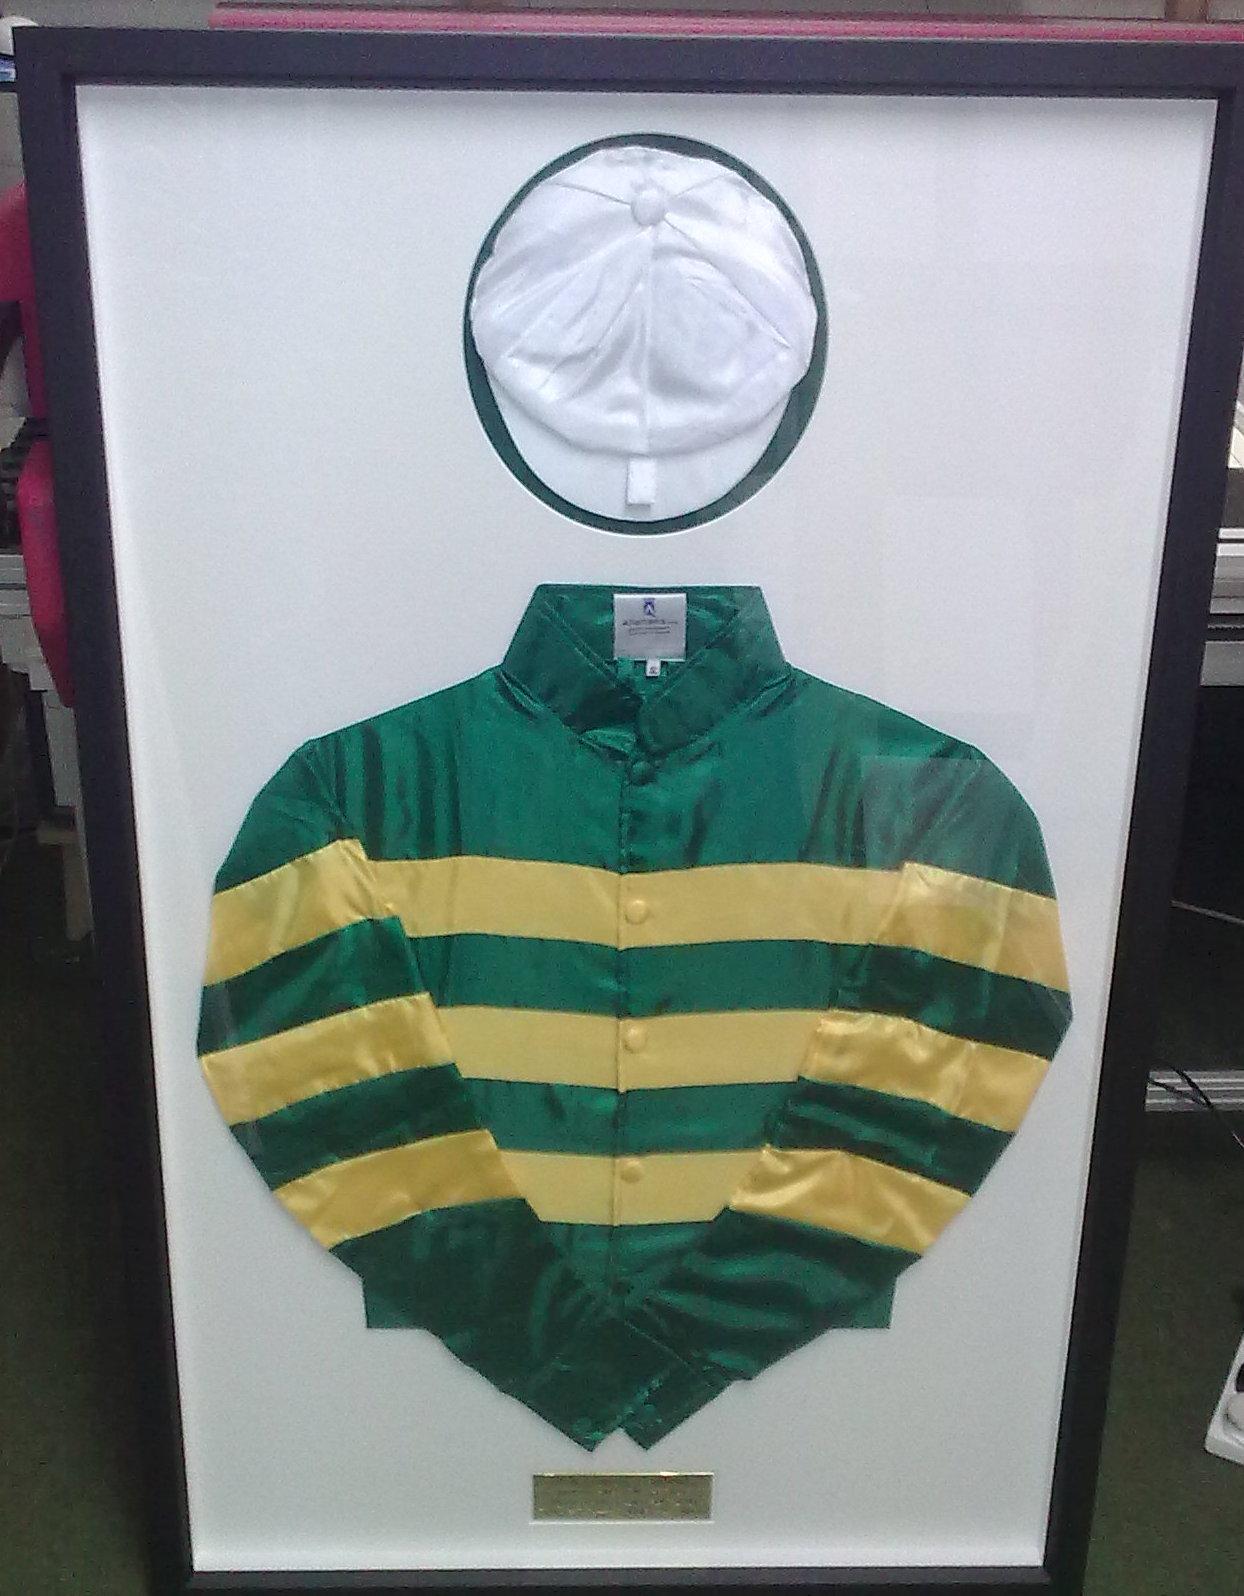 Framed Jockey silk